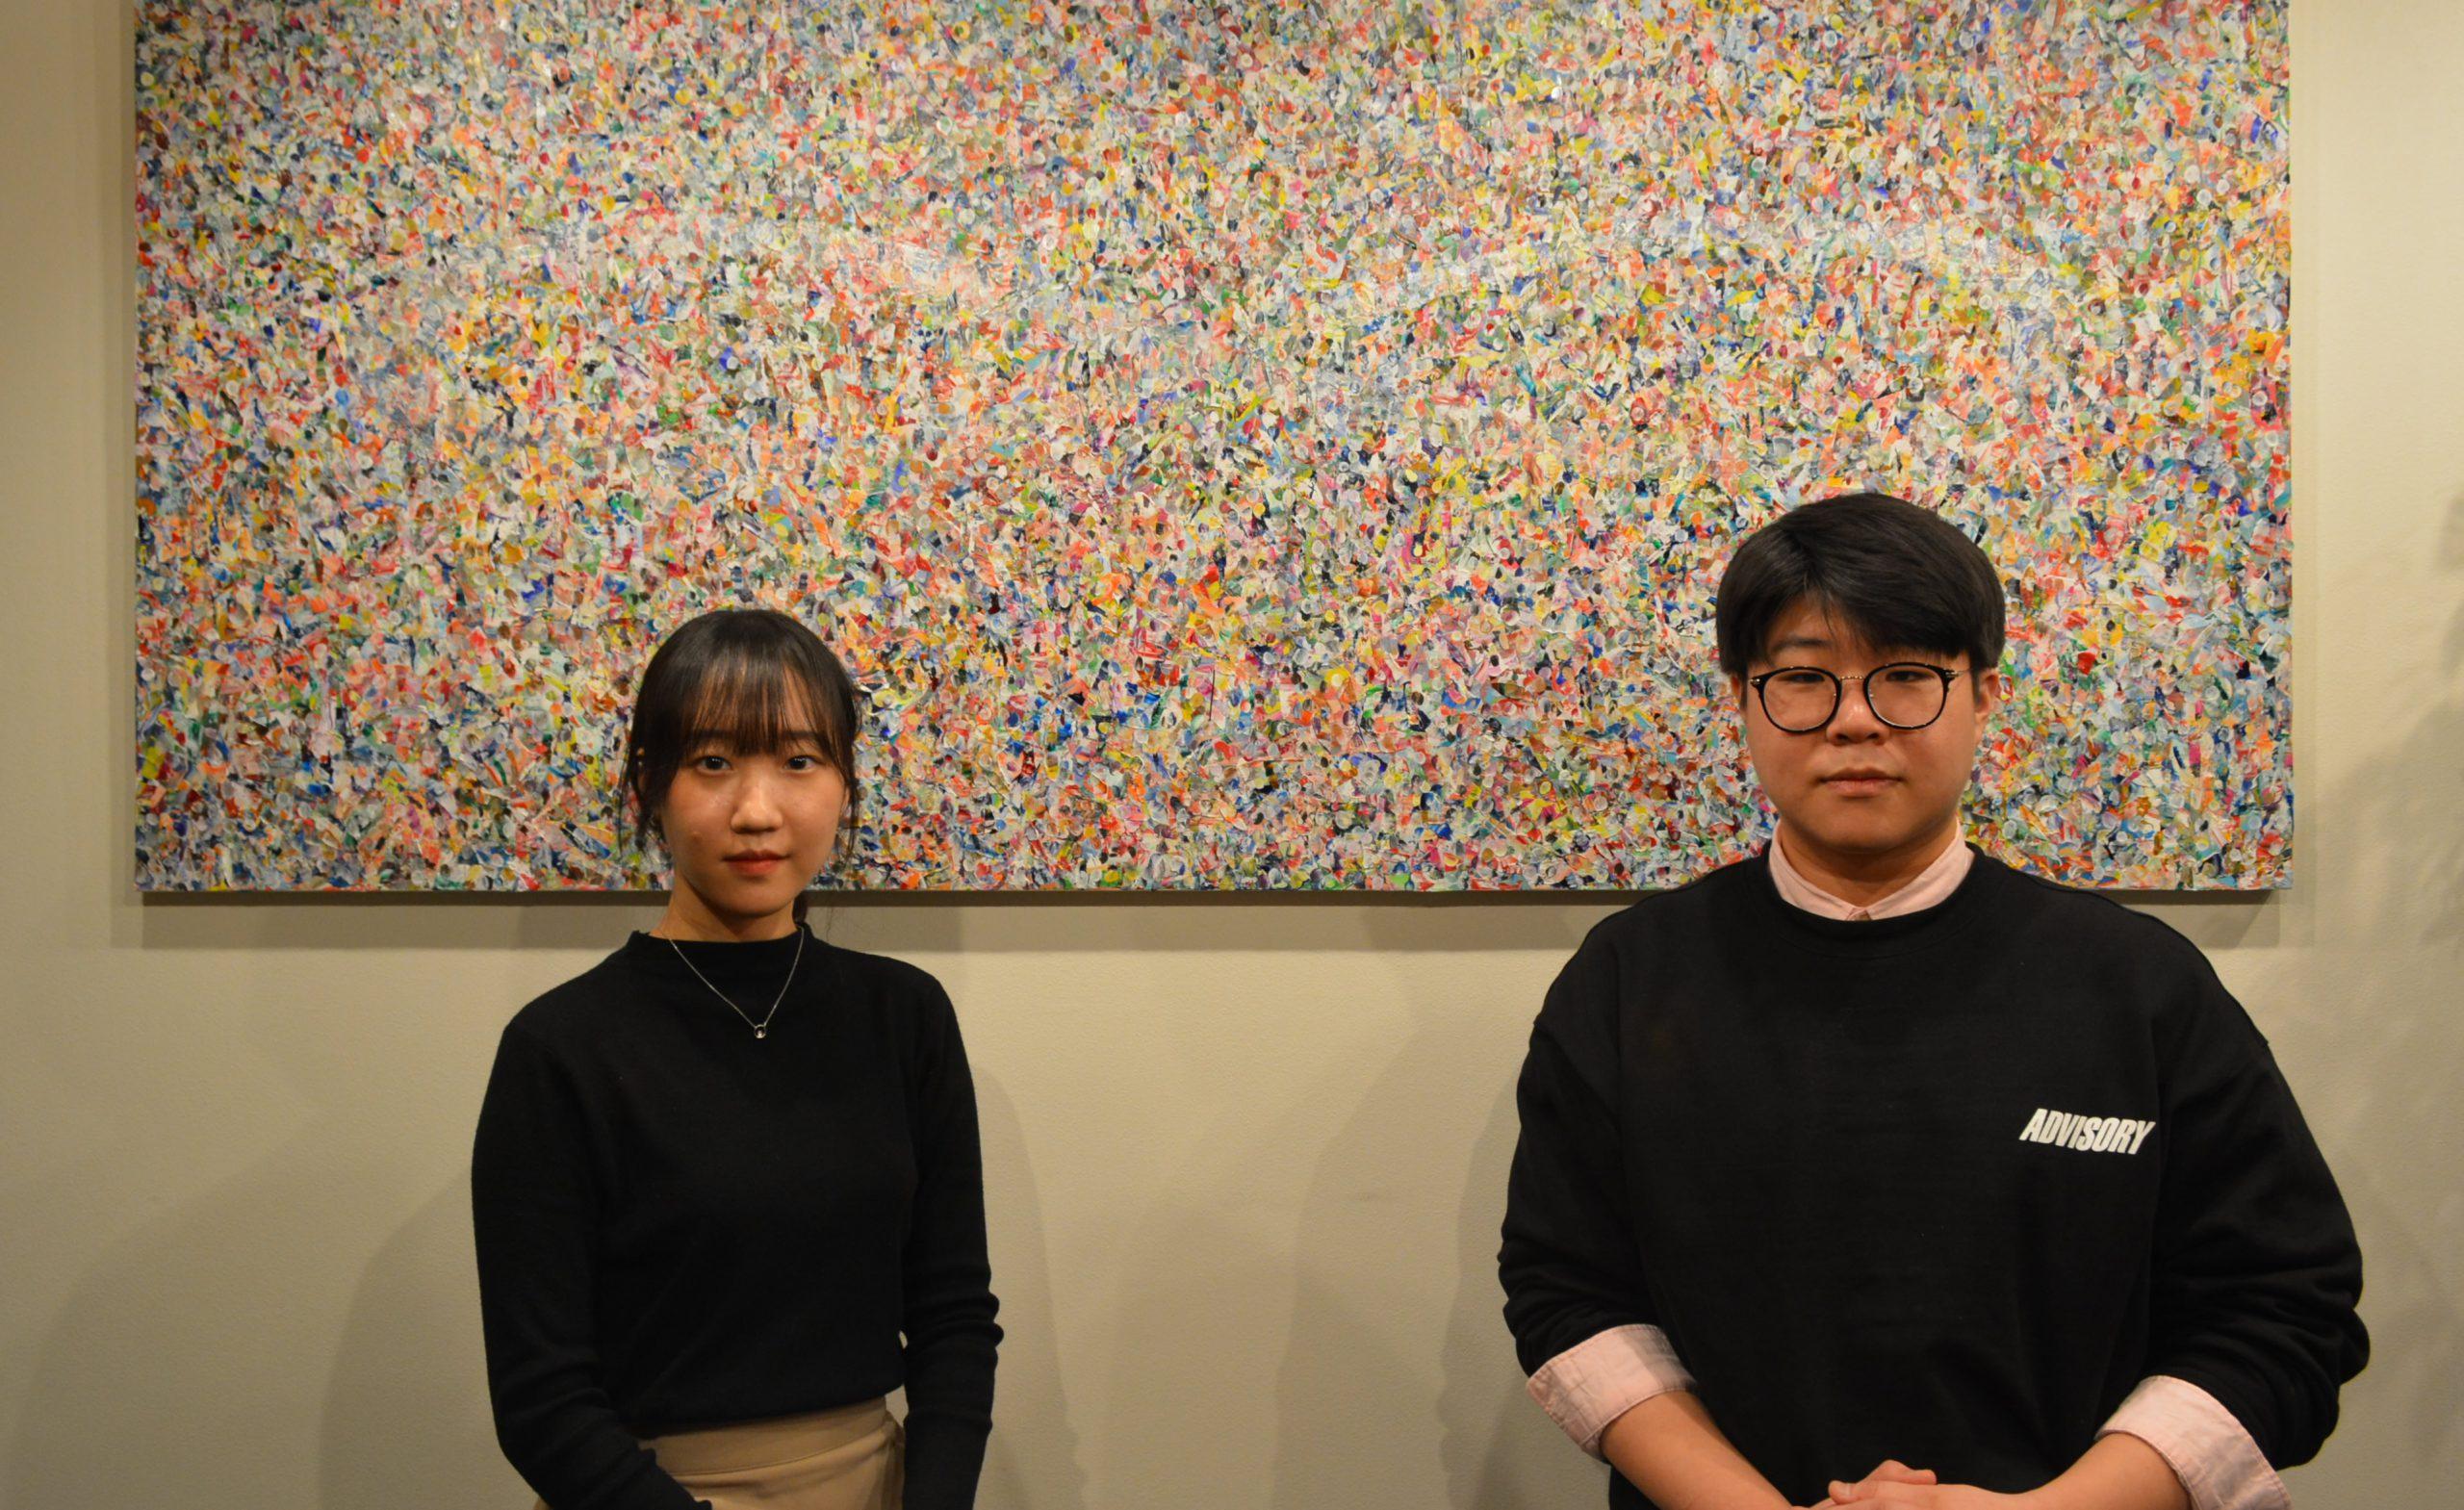 【頑張る留学生インタビュー ver.1】慶應義塾大学 モスンヒョクさん・キムジョンアさん